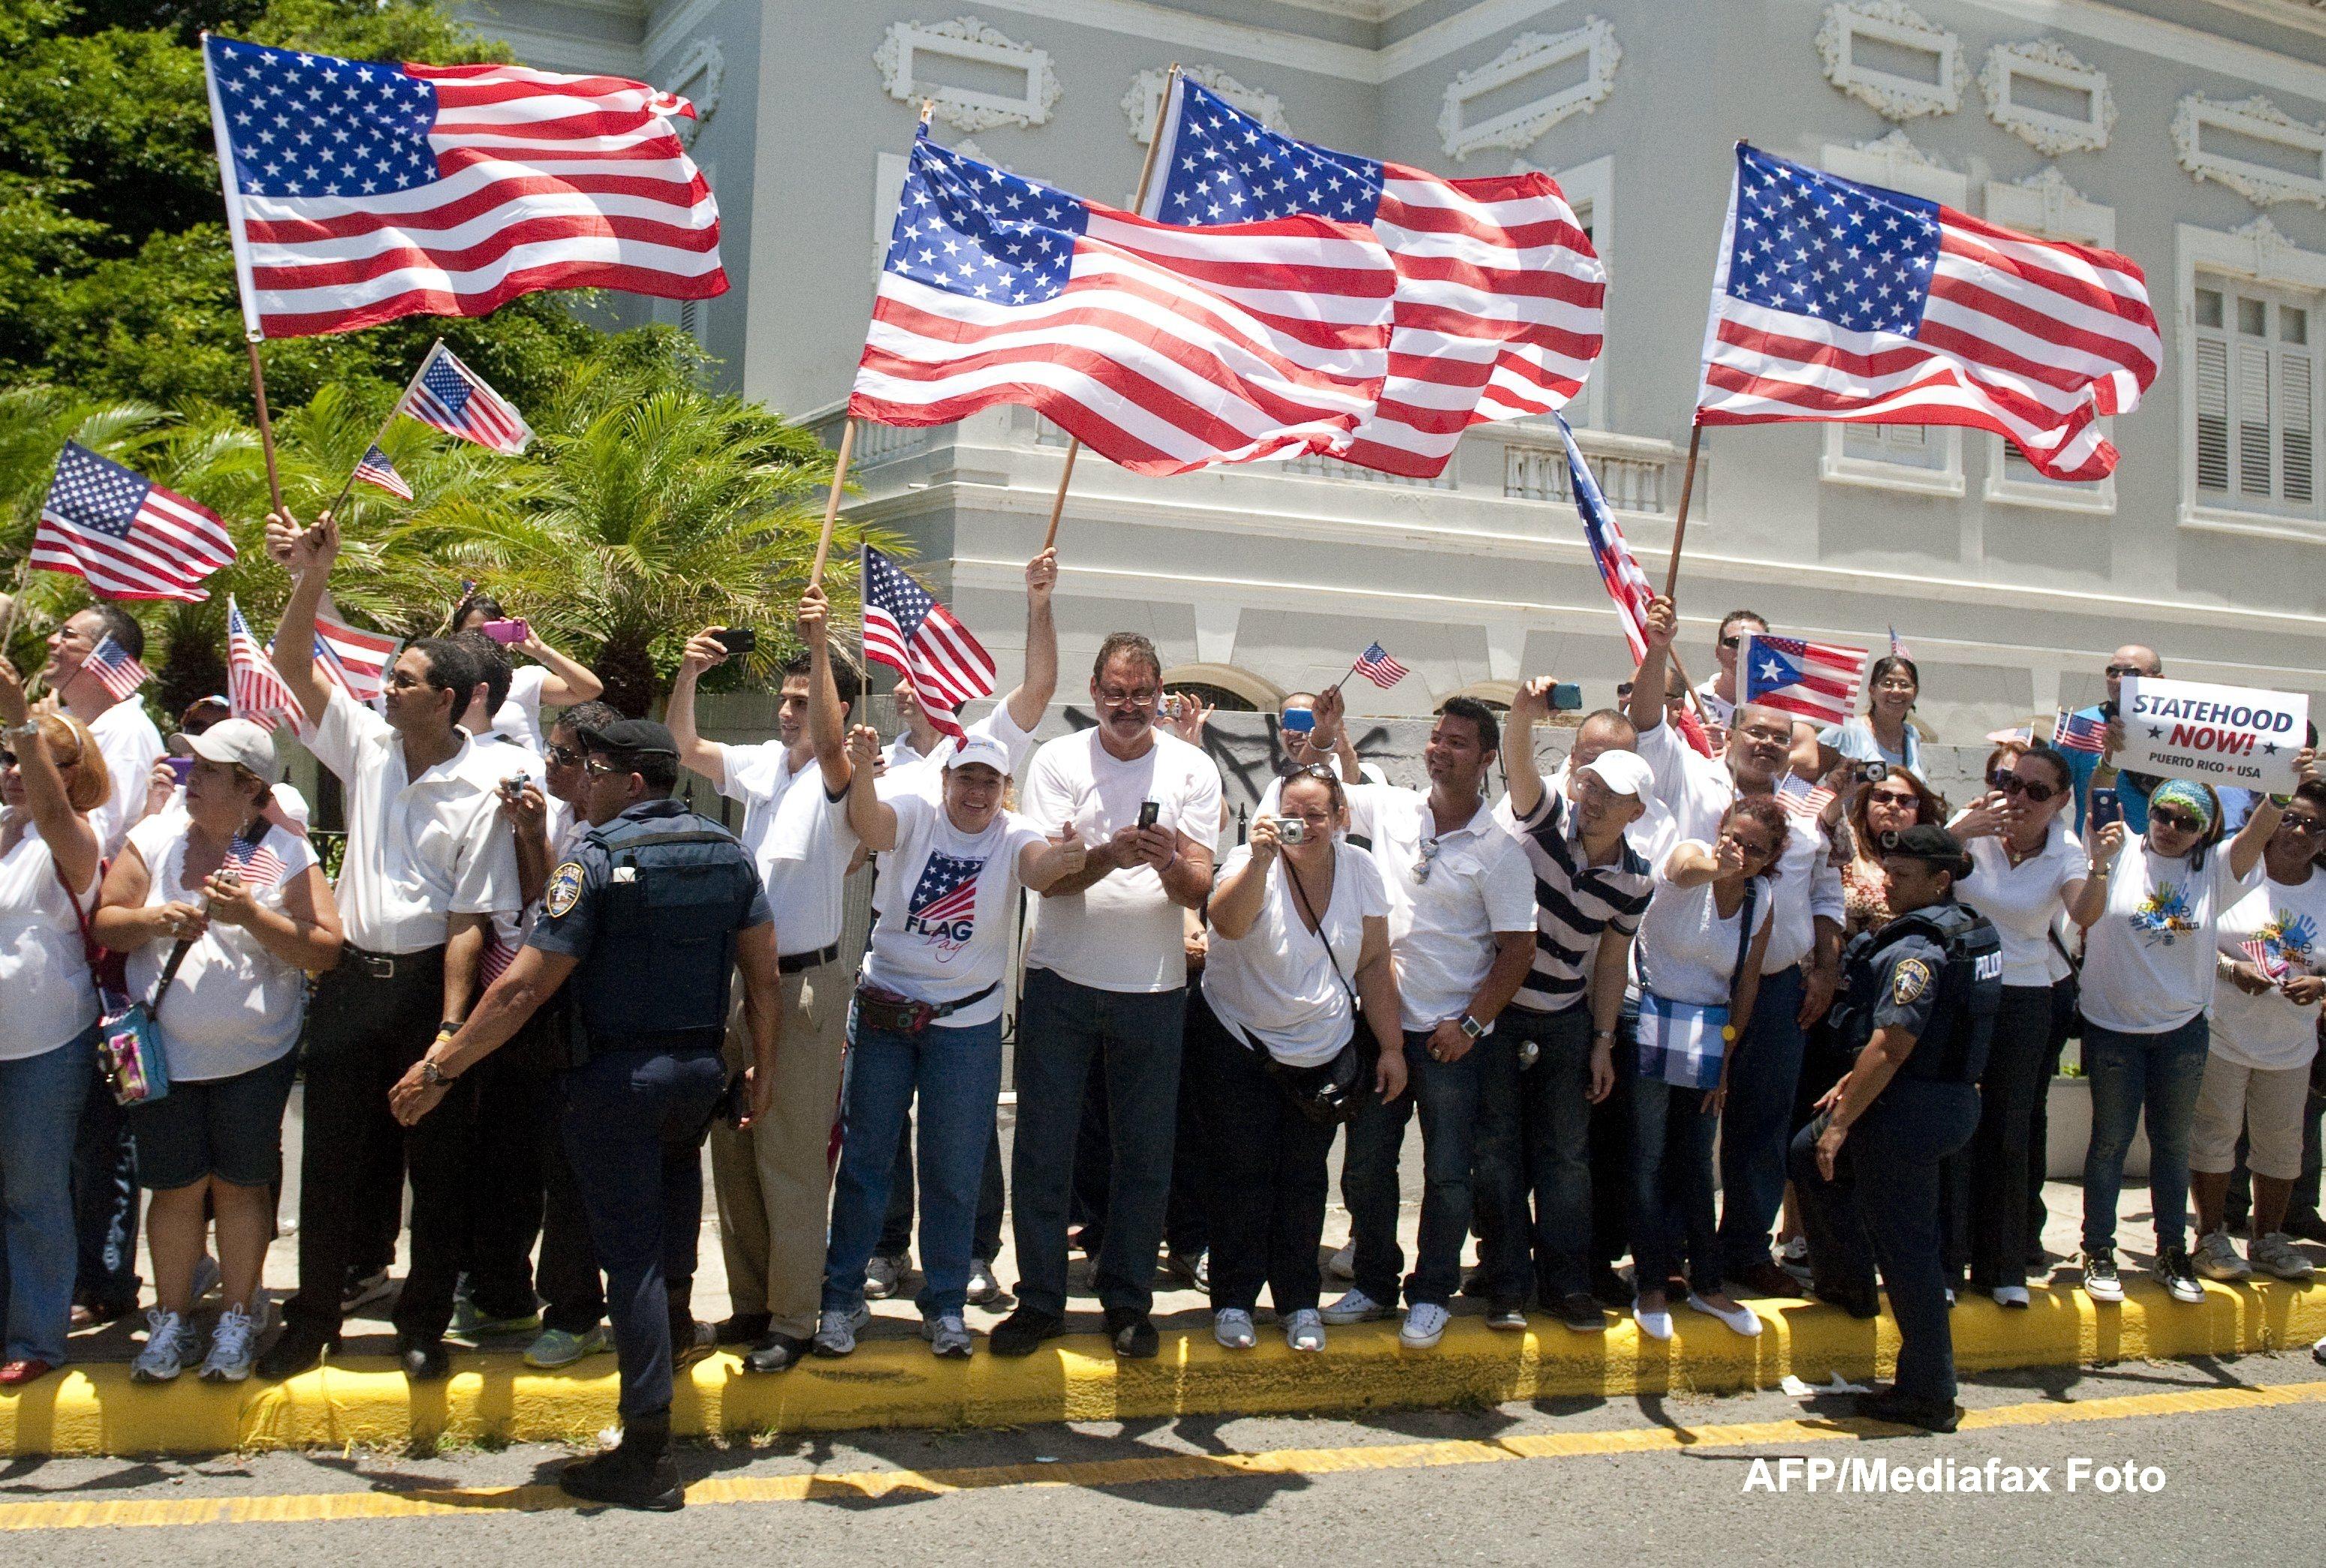 Al 51-lea stat pe harta SUA. Locuitorii din Puerto Rico au votat sa devina americani